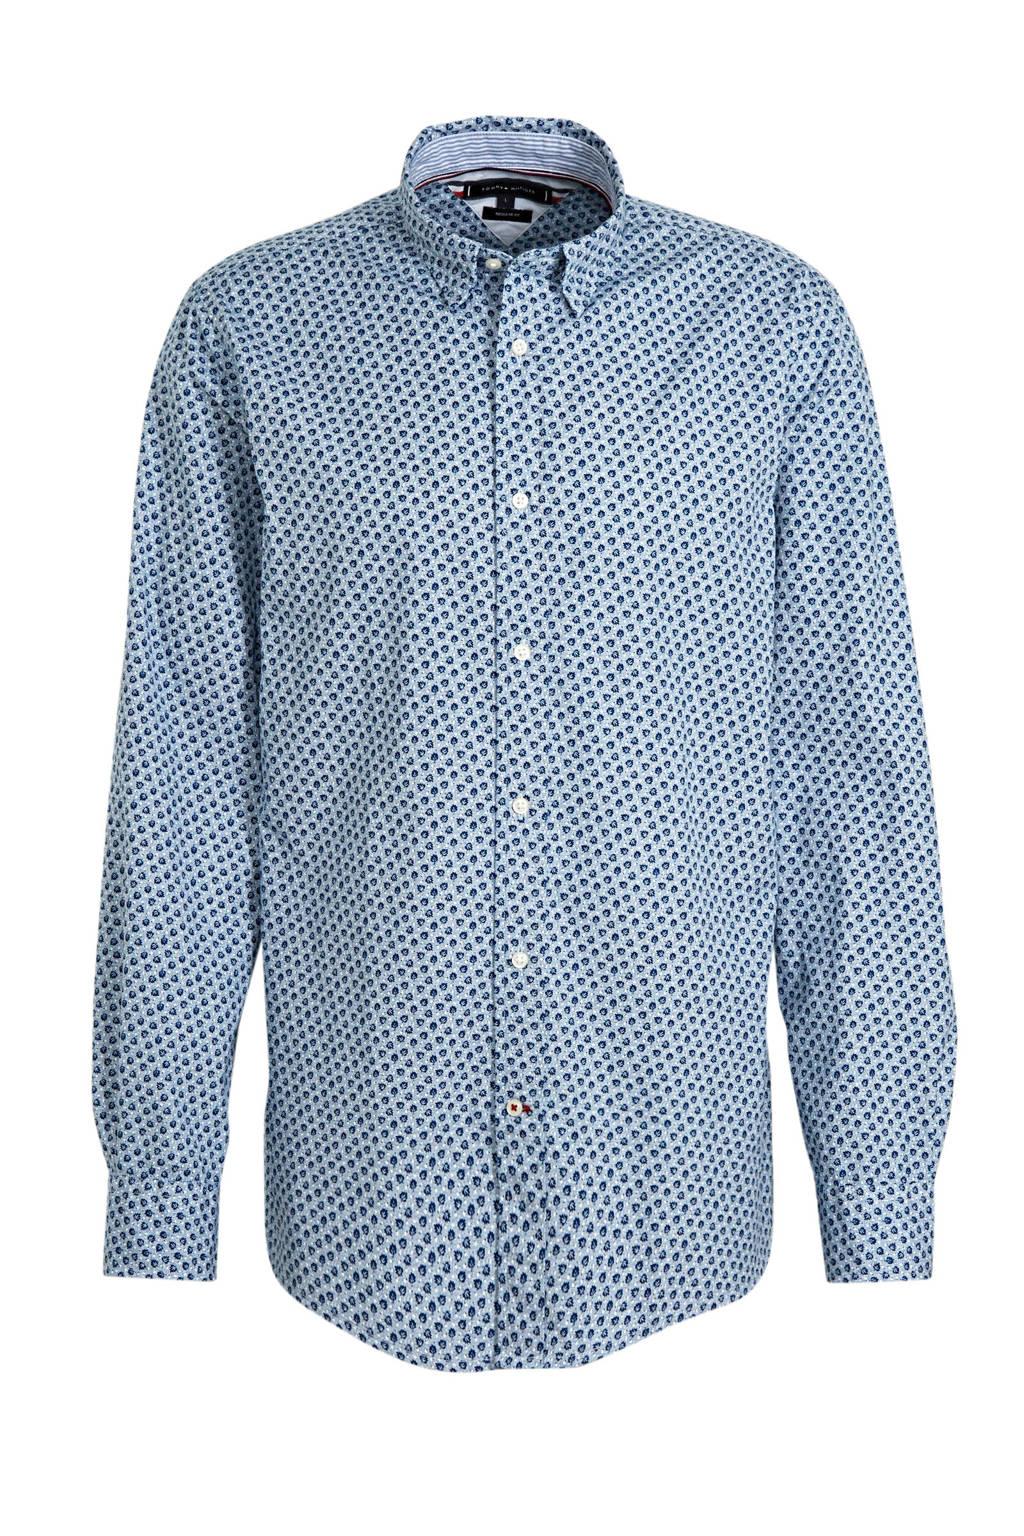 Tommy Hilfiger regular fit overhemd met all over print lichtblauw, Lichtblauw